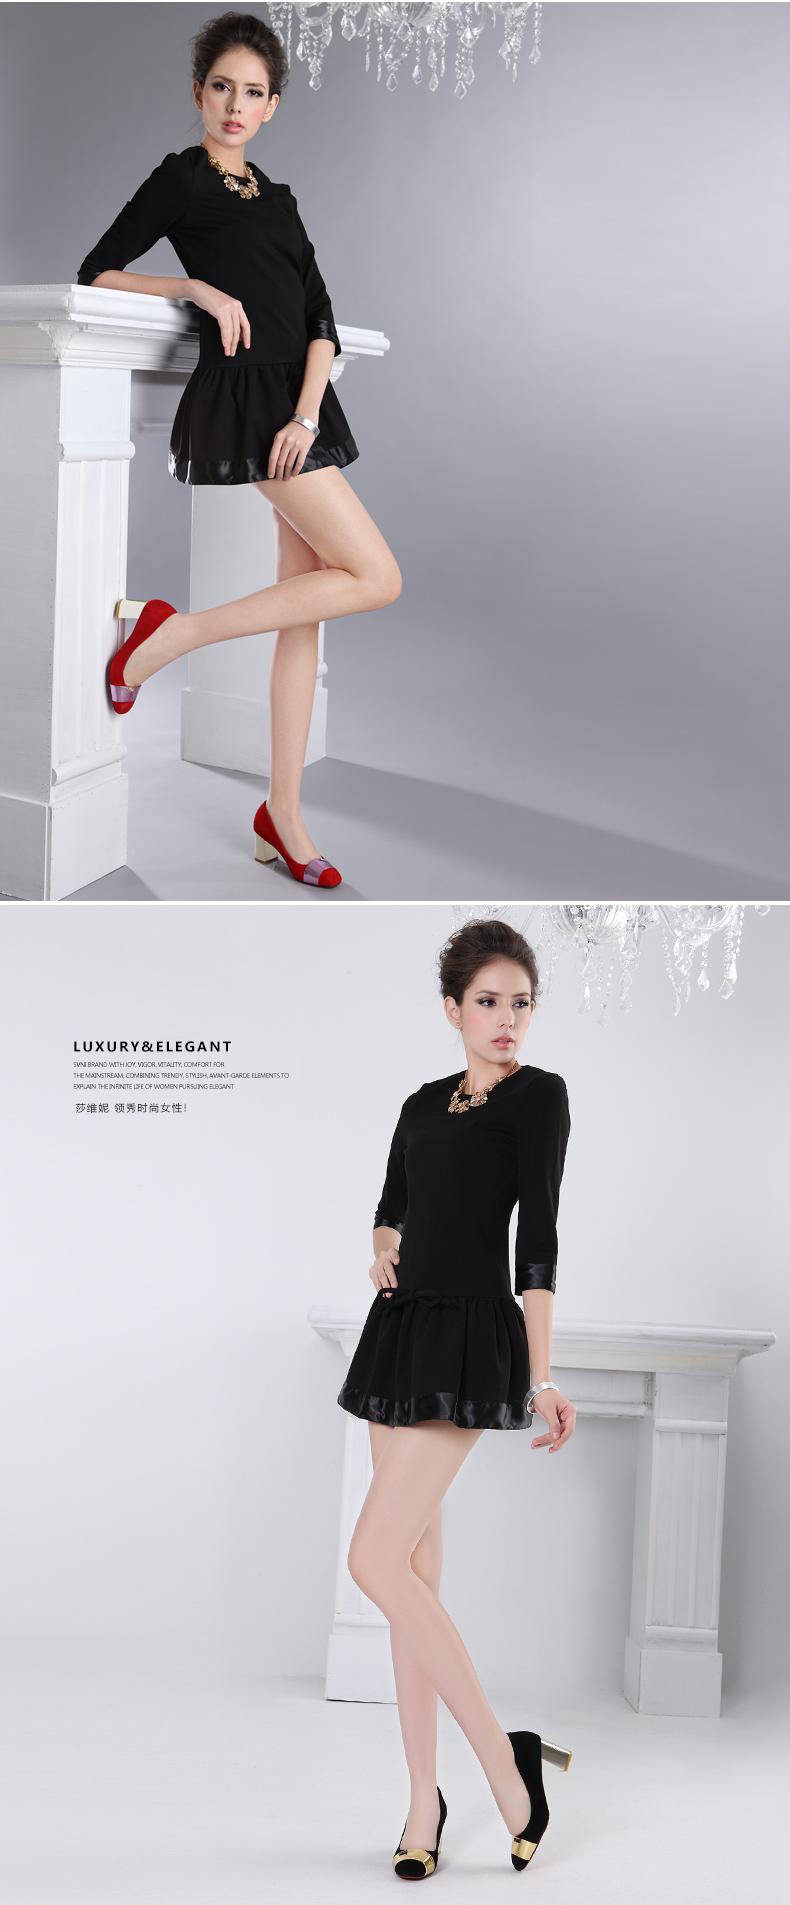 莎维妮2014新款真皮时尚高跟鞋金属装饰婚鞋拼色粗跟女单鞋svc067